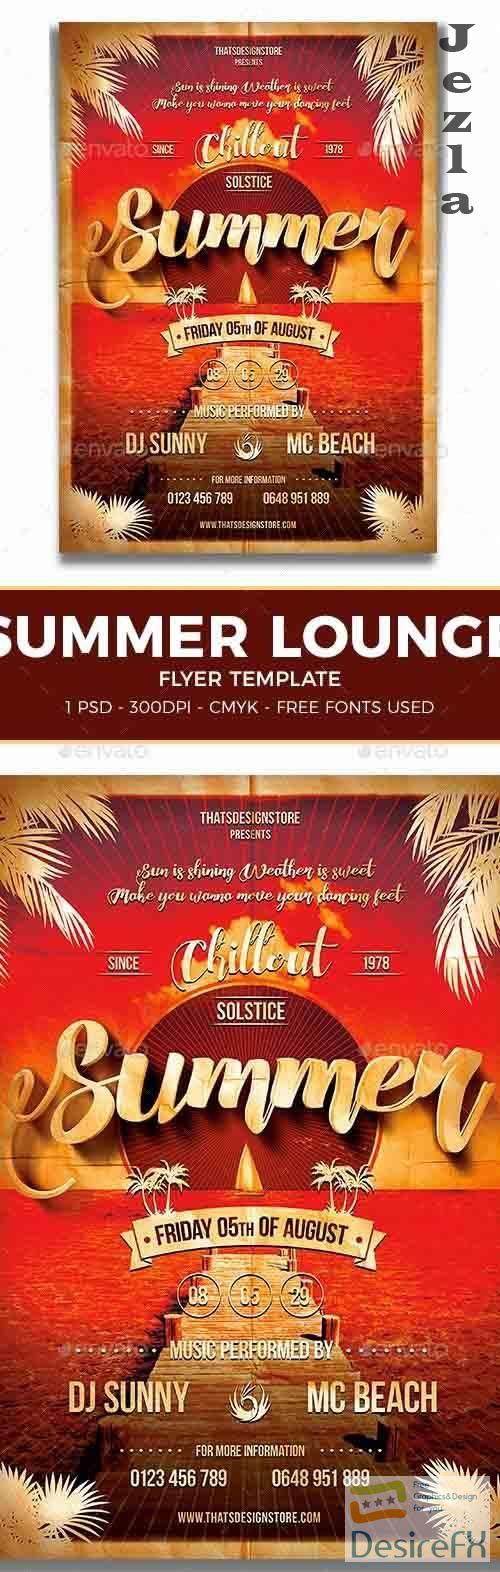 Summer Lounge Flyer Template V1 - 7972361 - 91166